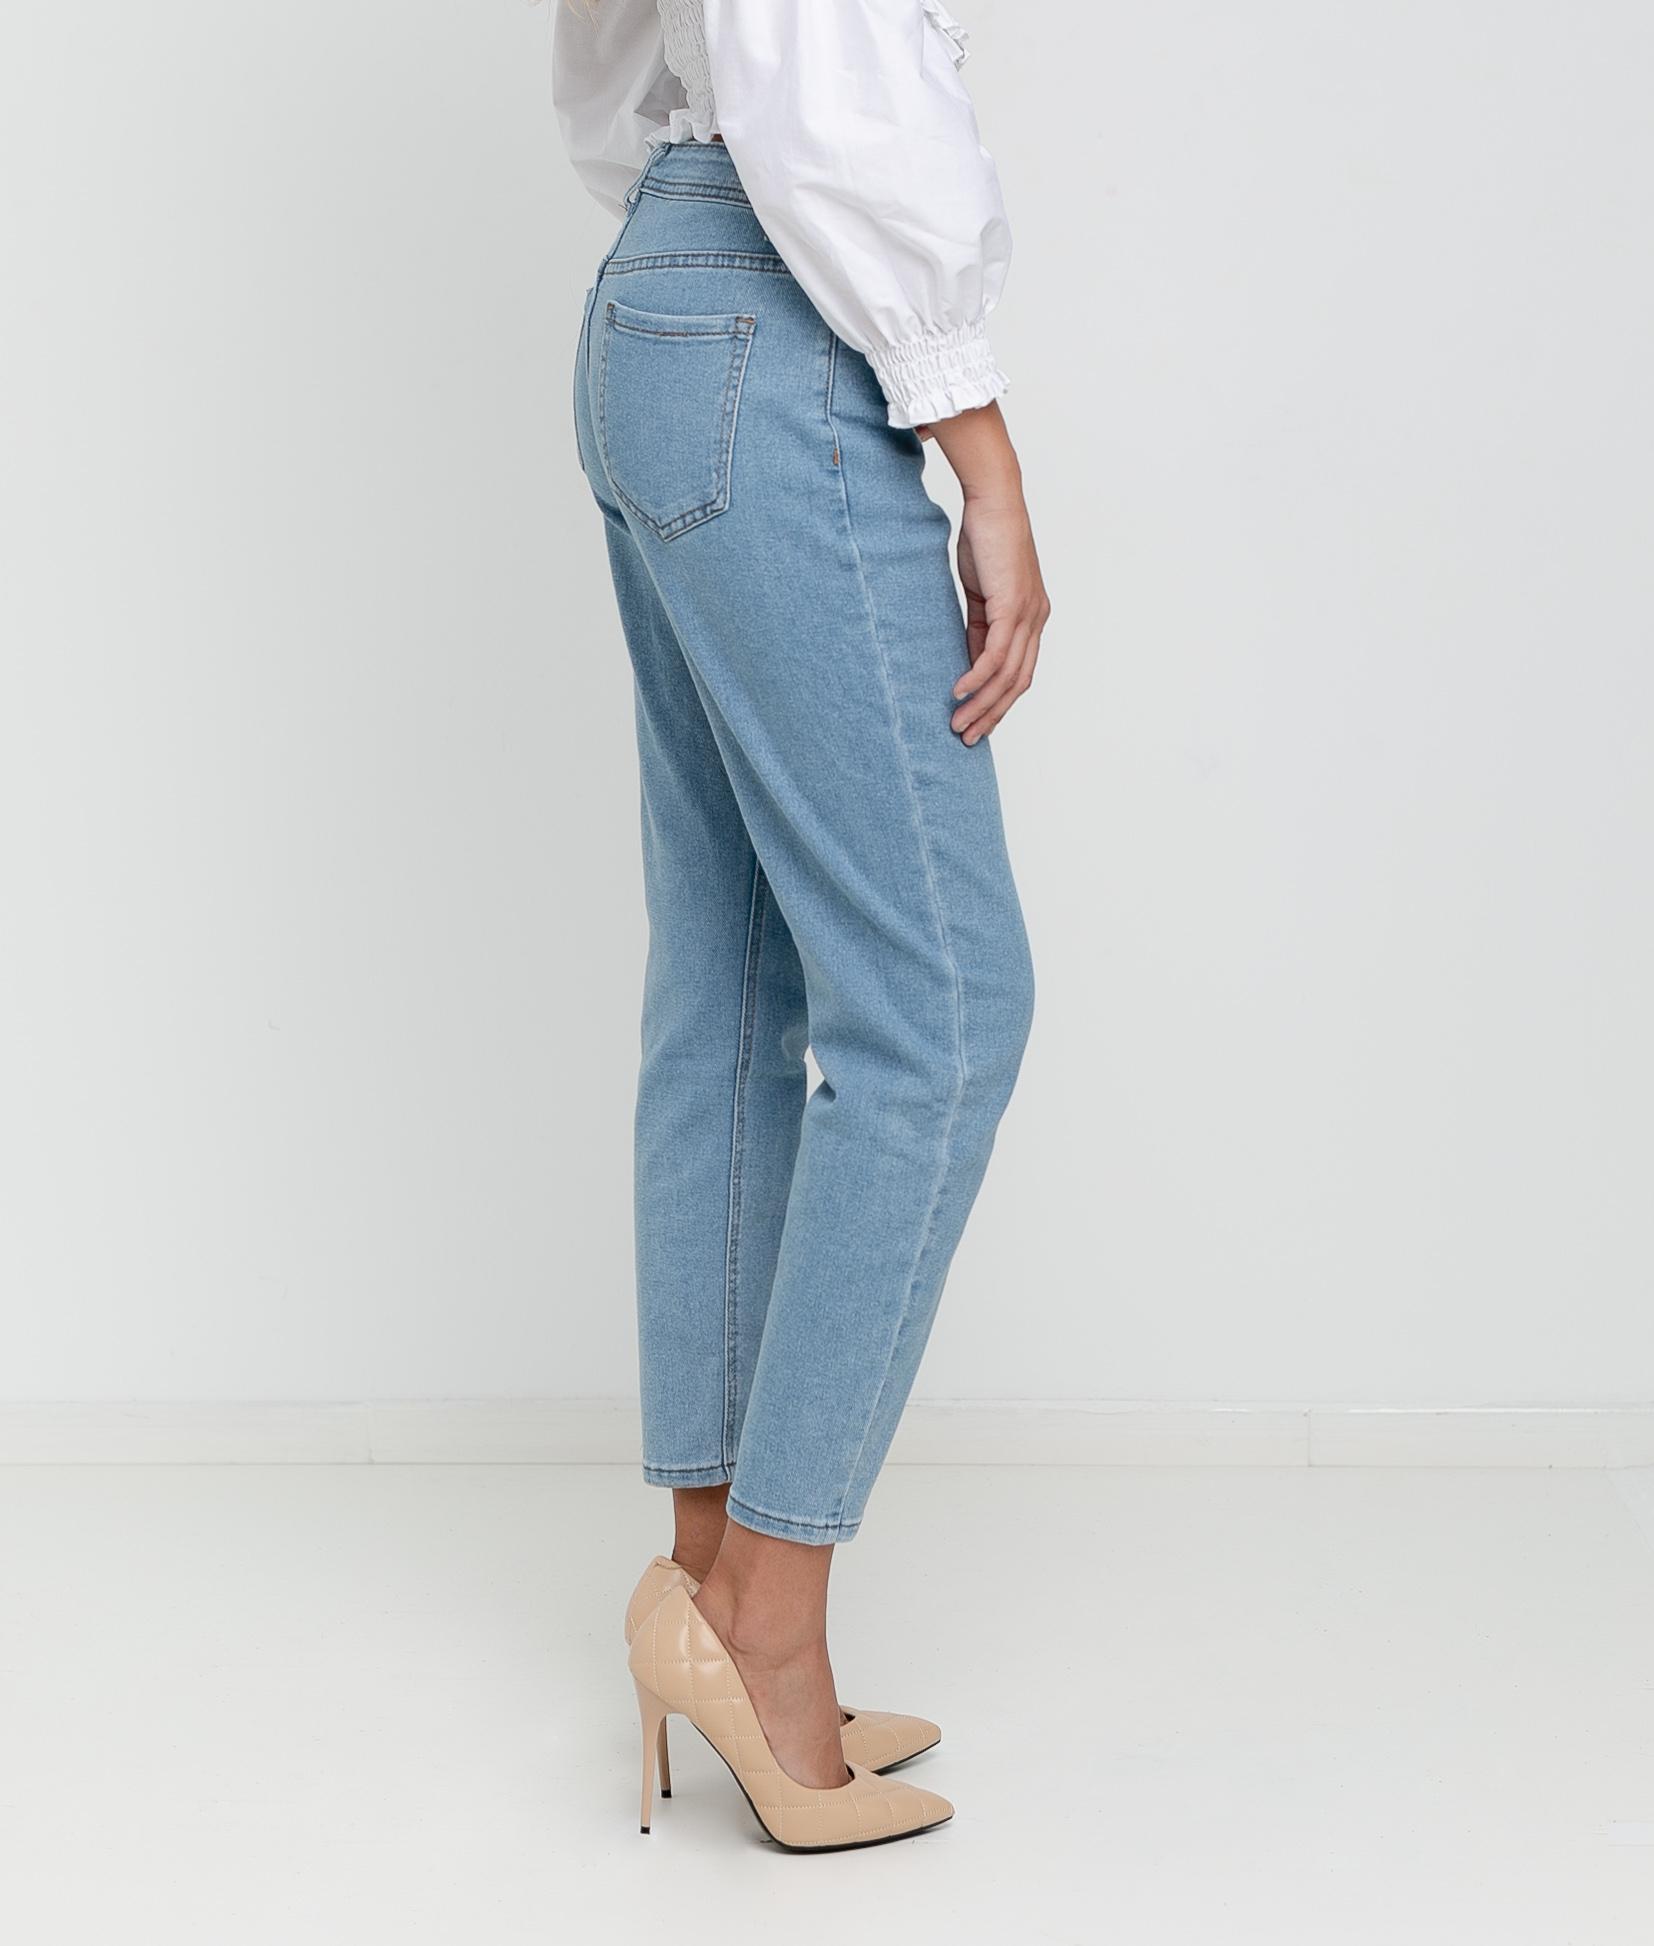 Pantalon Lerita - Denim Clair